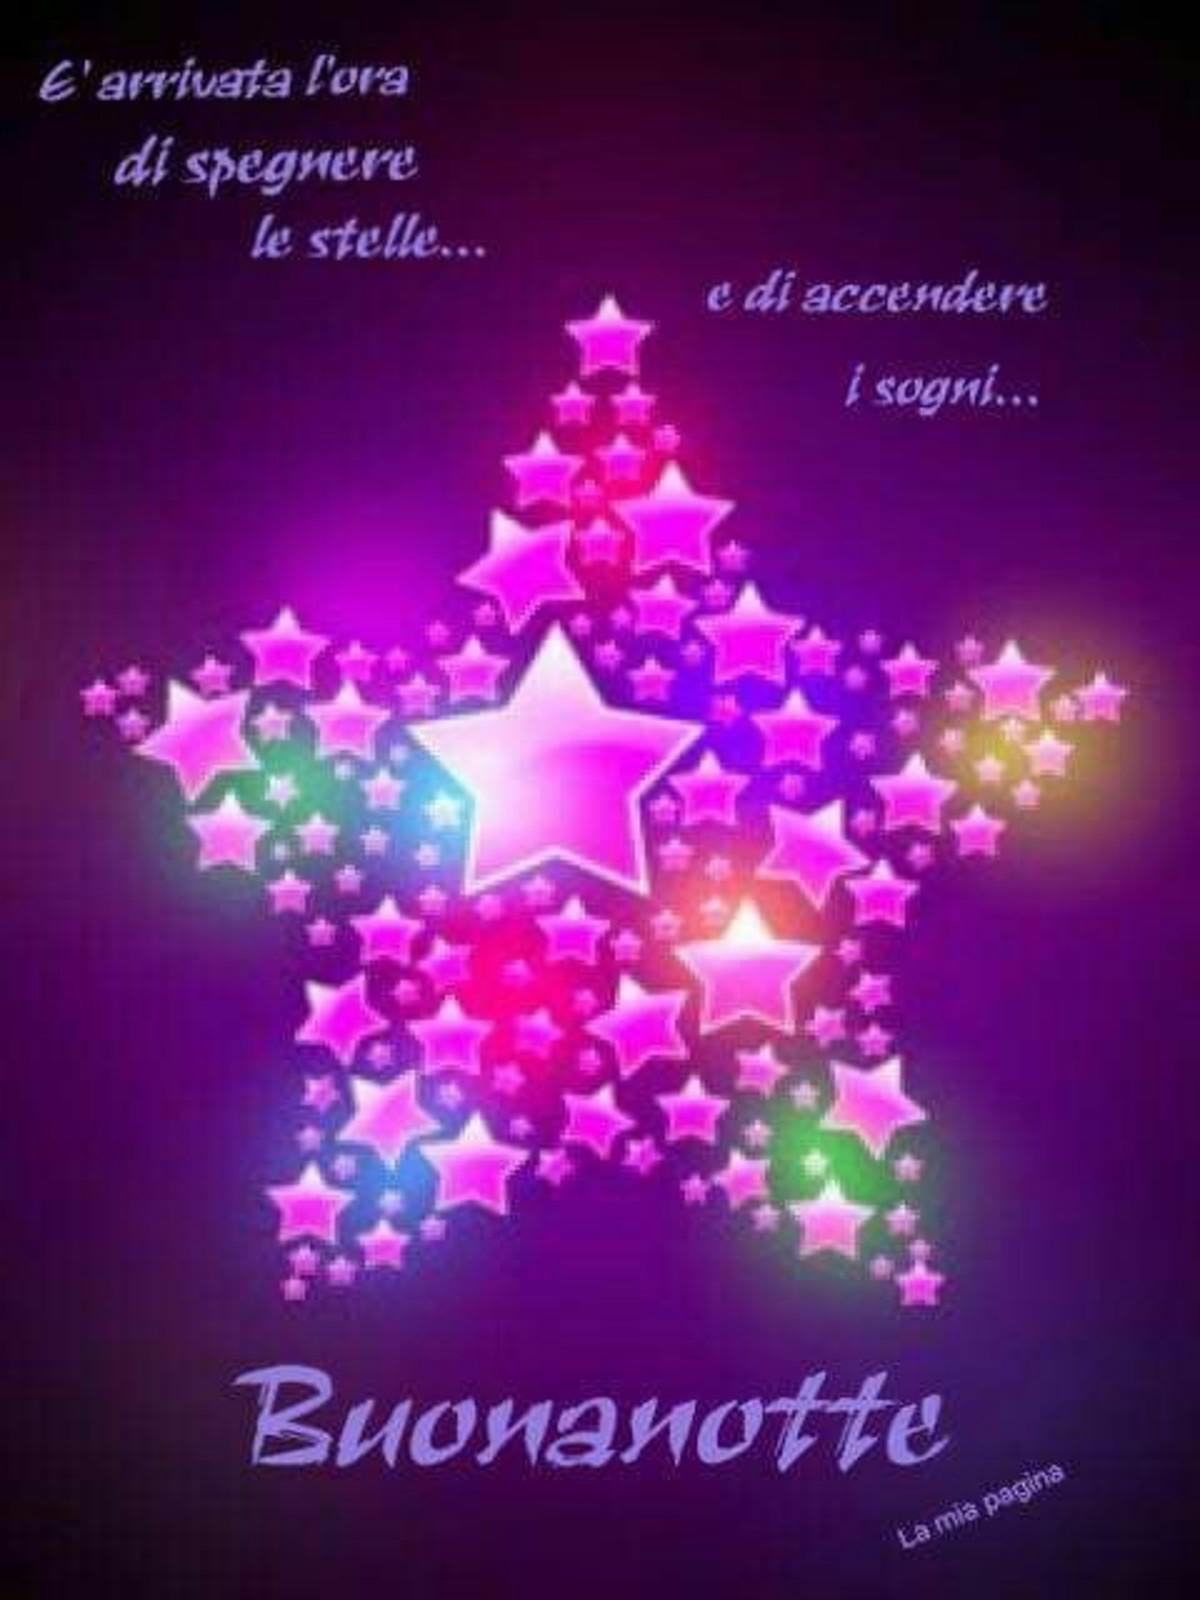 Buonanotte Amore Mio 3266 Bellissimeimmagini It